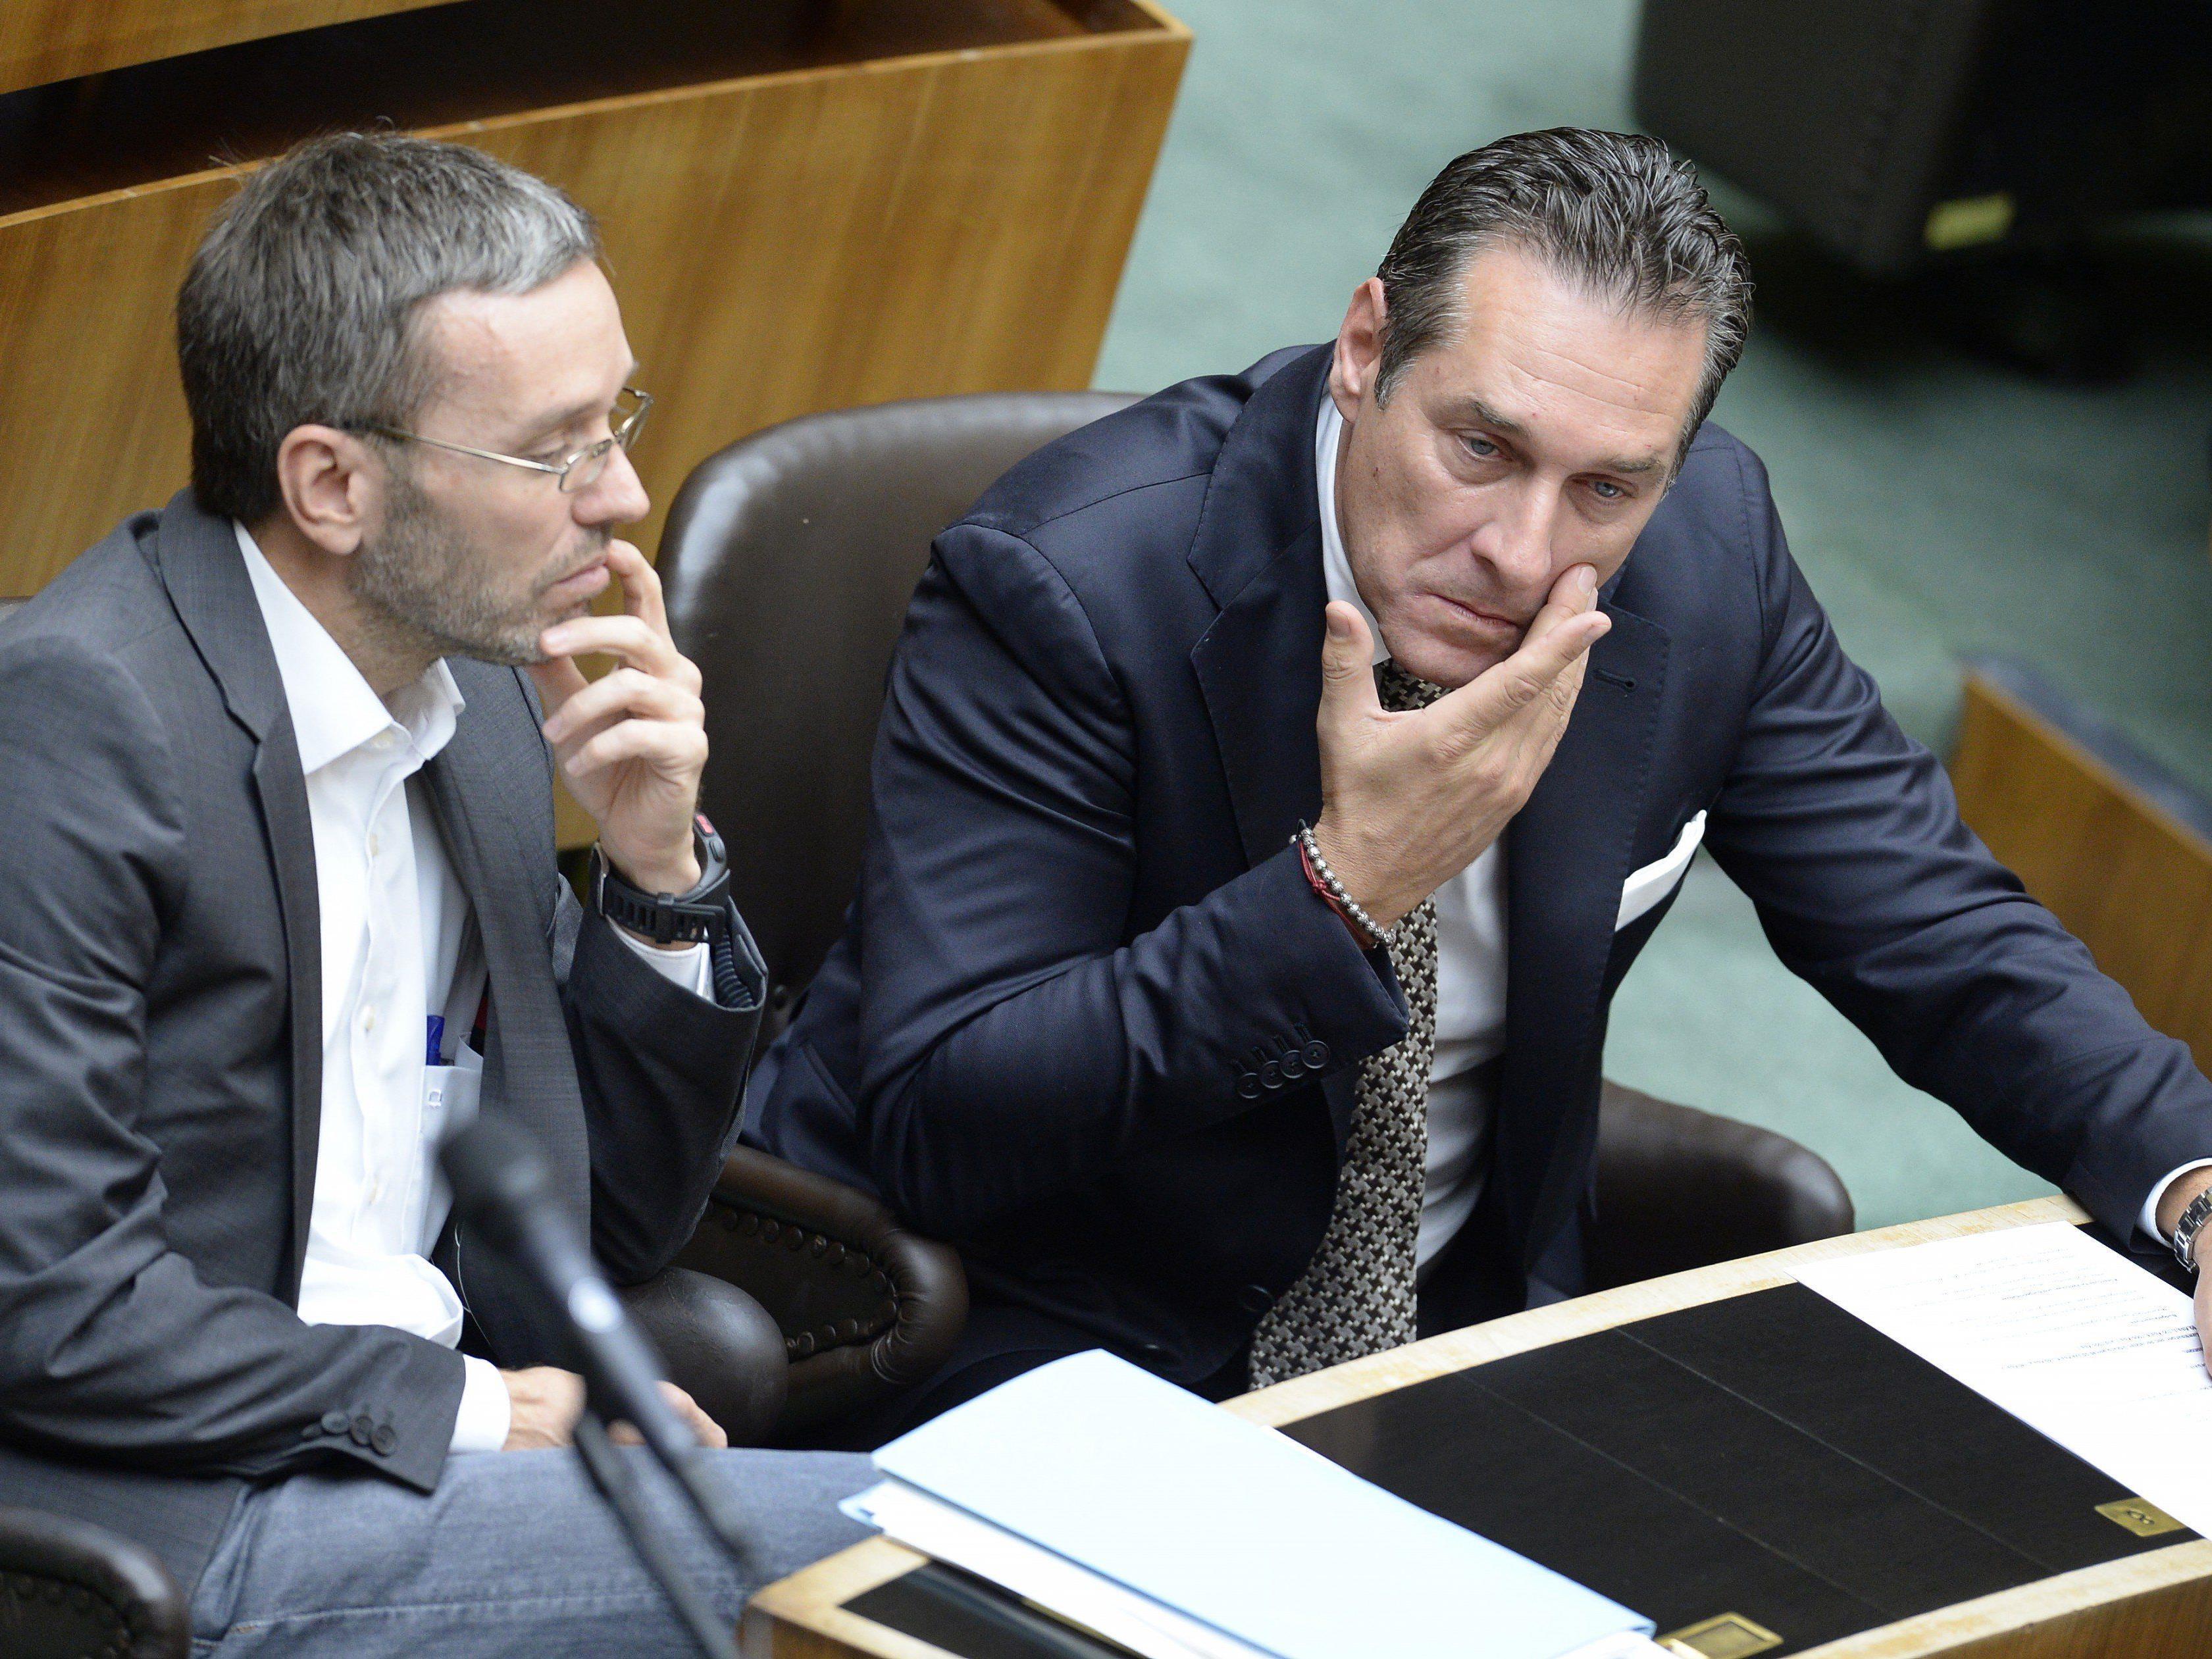 Vorwürfe gegen Kickl wegen angeblicher Parteienfinanzierung